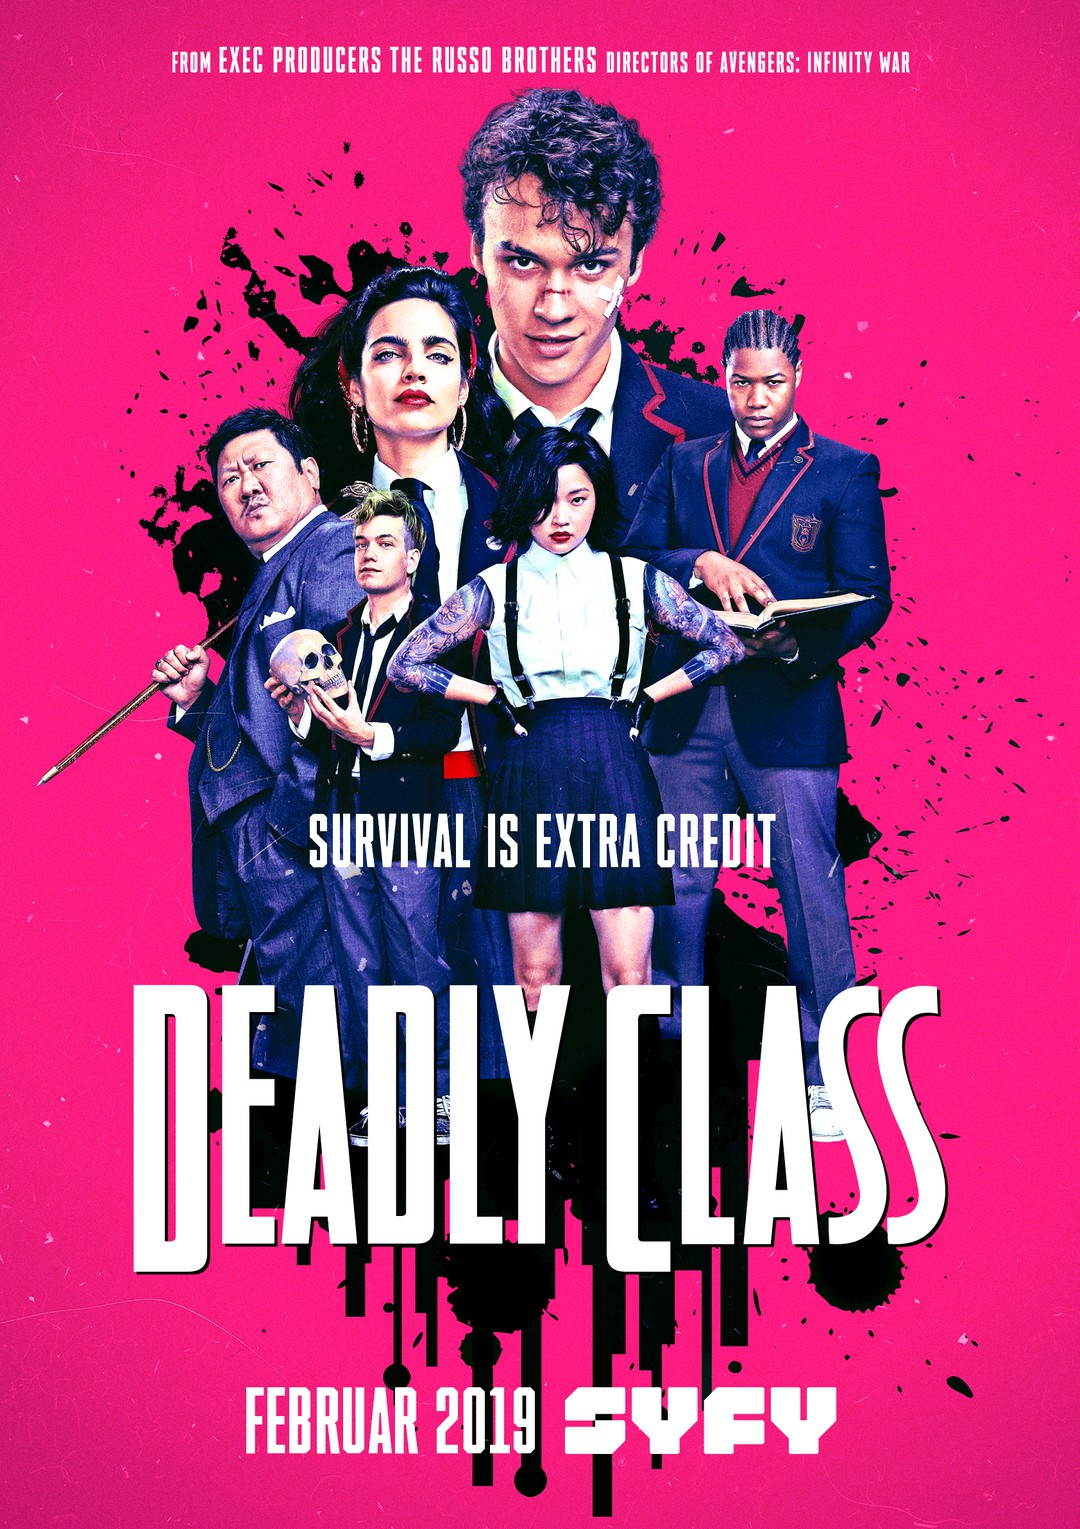 Deadly Class Trailer - Bild 1 von 8